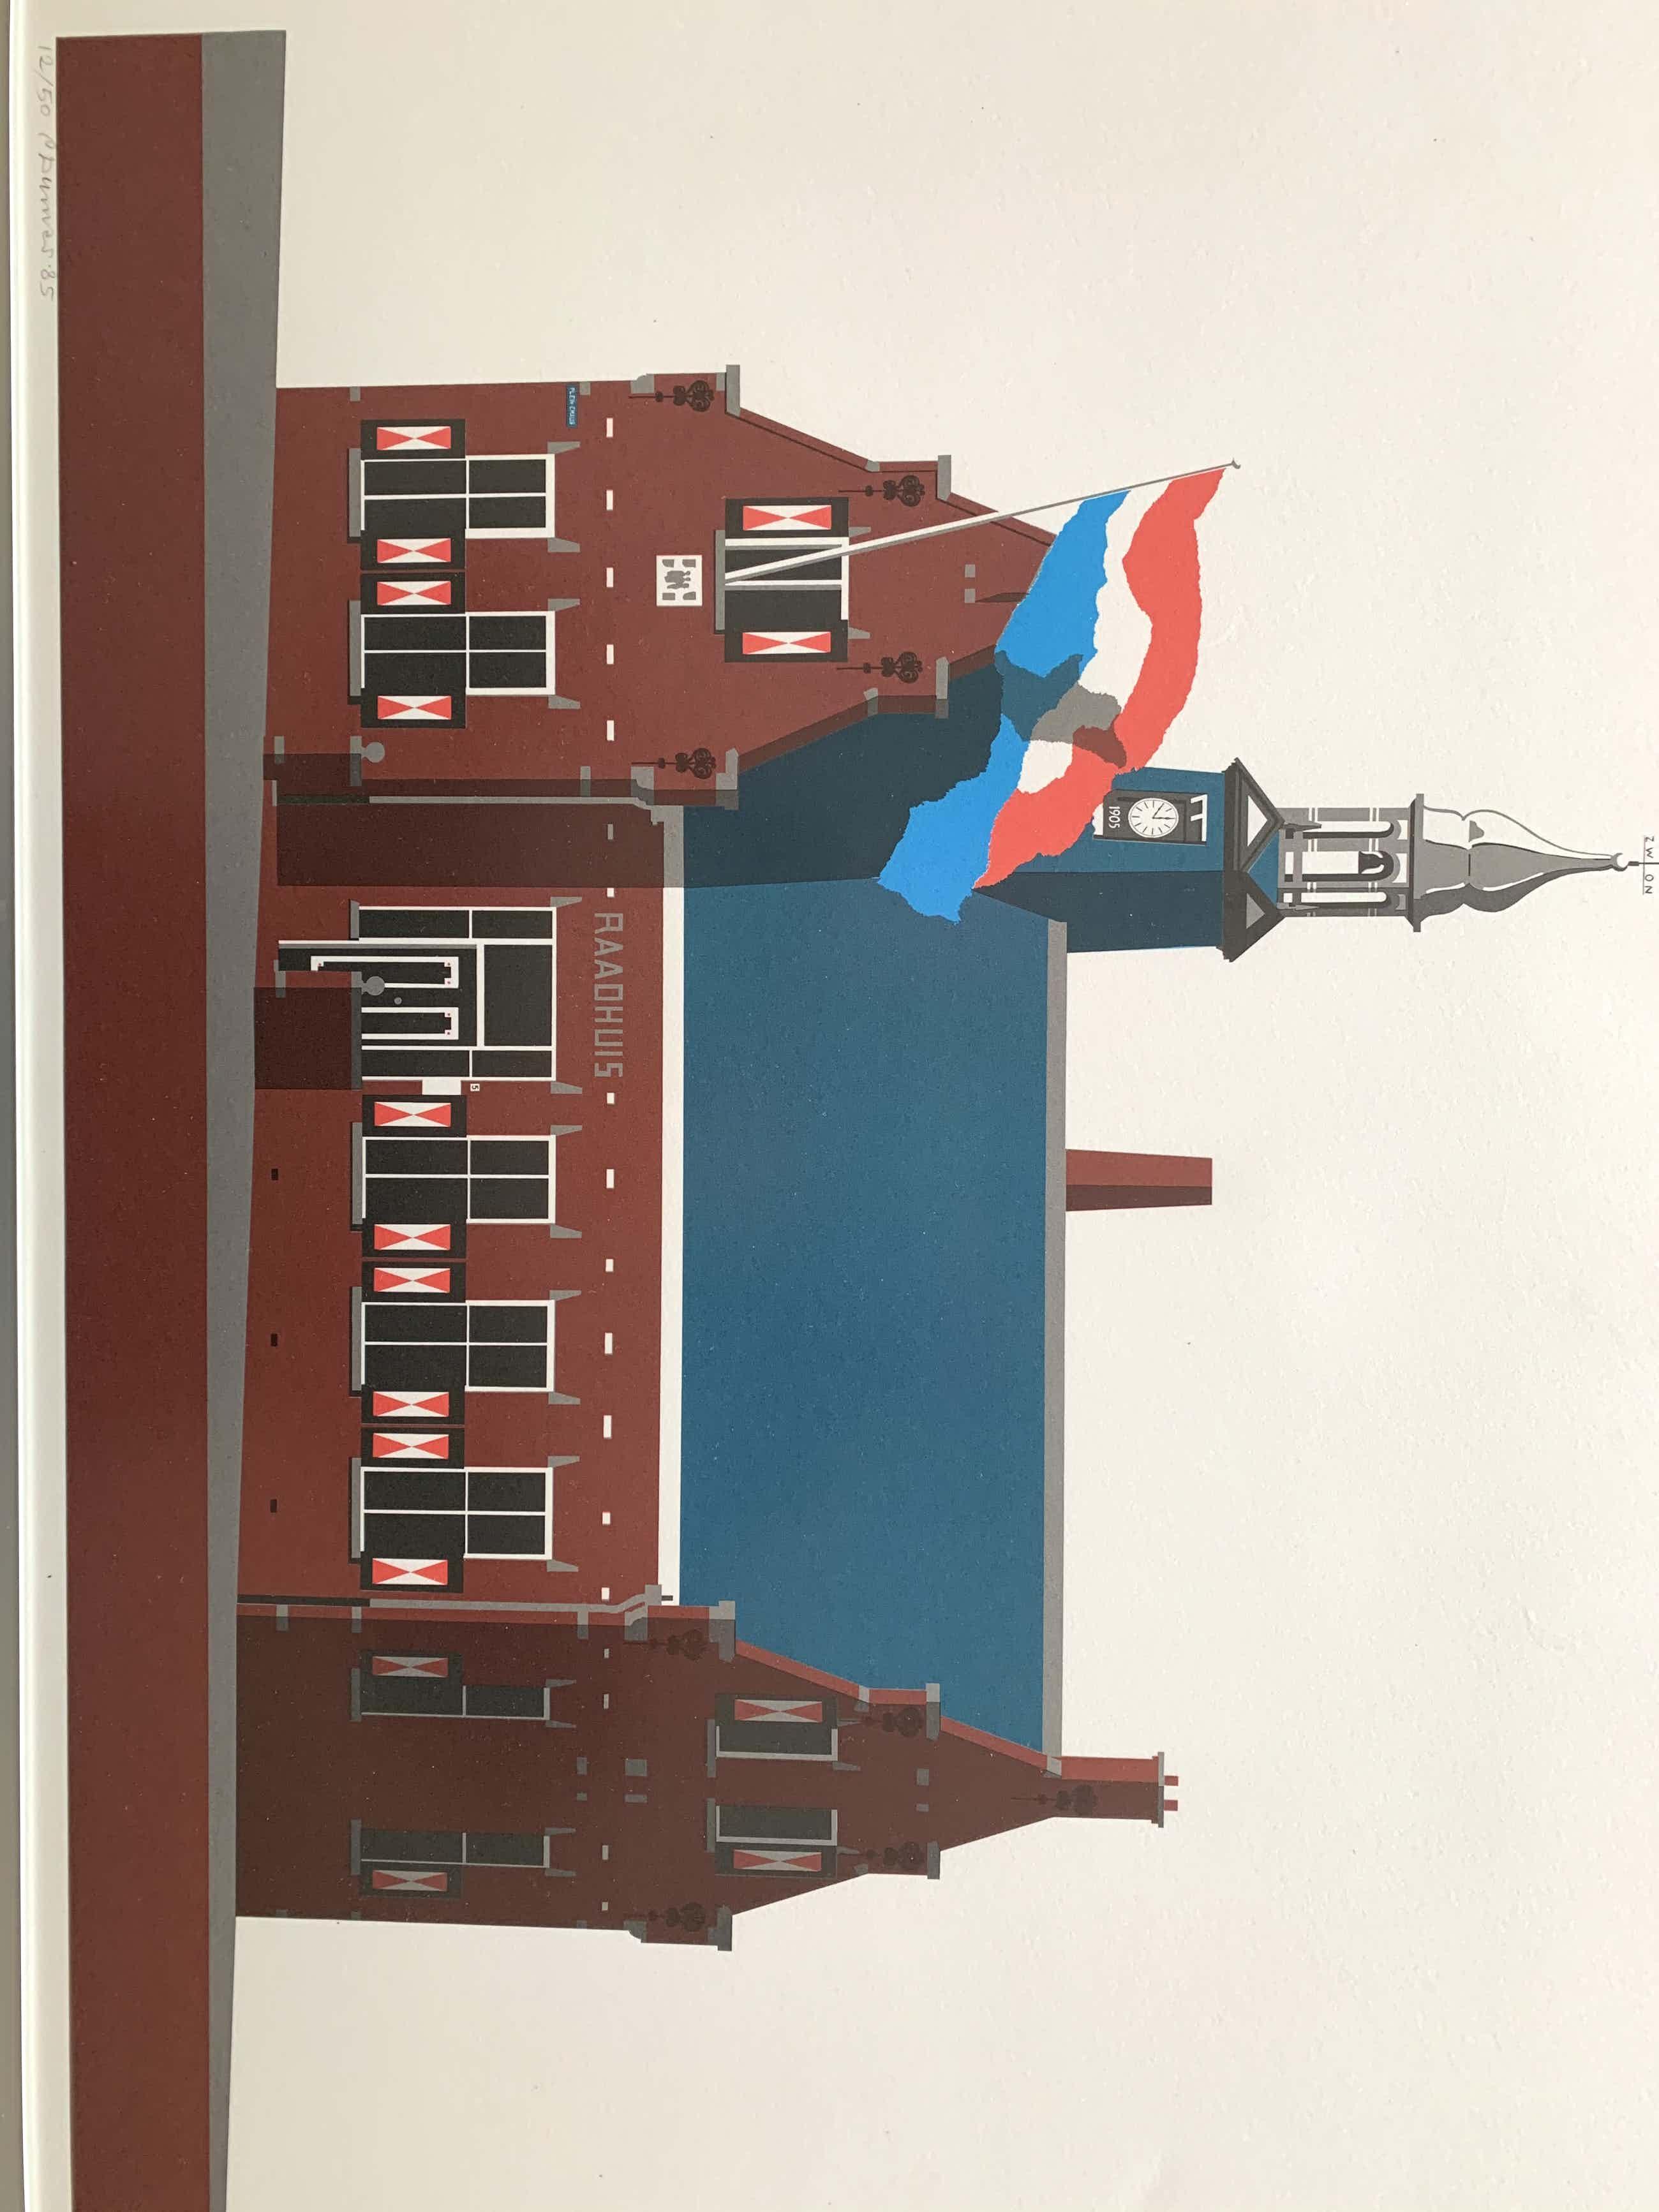 Peter Dumas - Raadhuis Vlaardingen kopen? Bied vanaf 60!